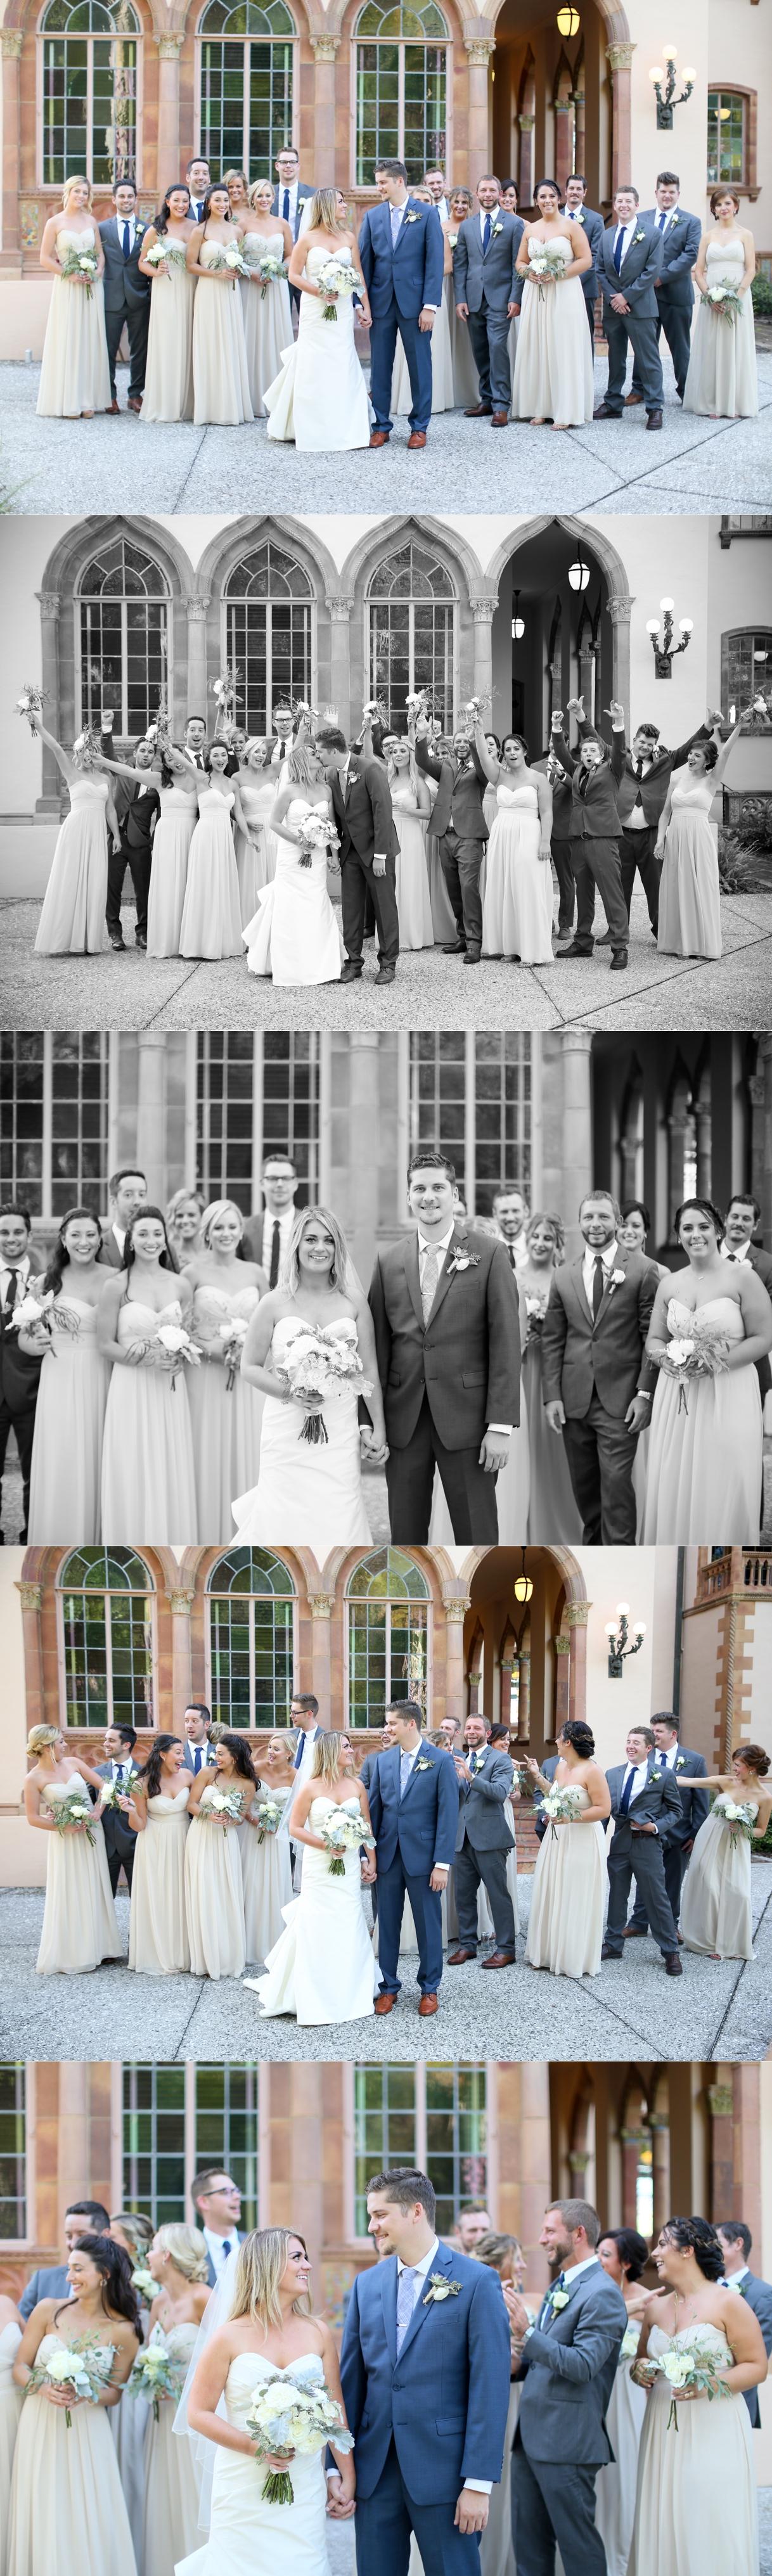 audreysnow-photography-Ringling-ca-dzan-mansion-sarasota-wedding-photographer_4138.jpg